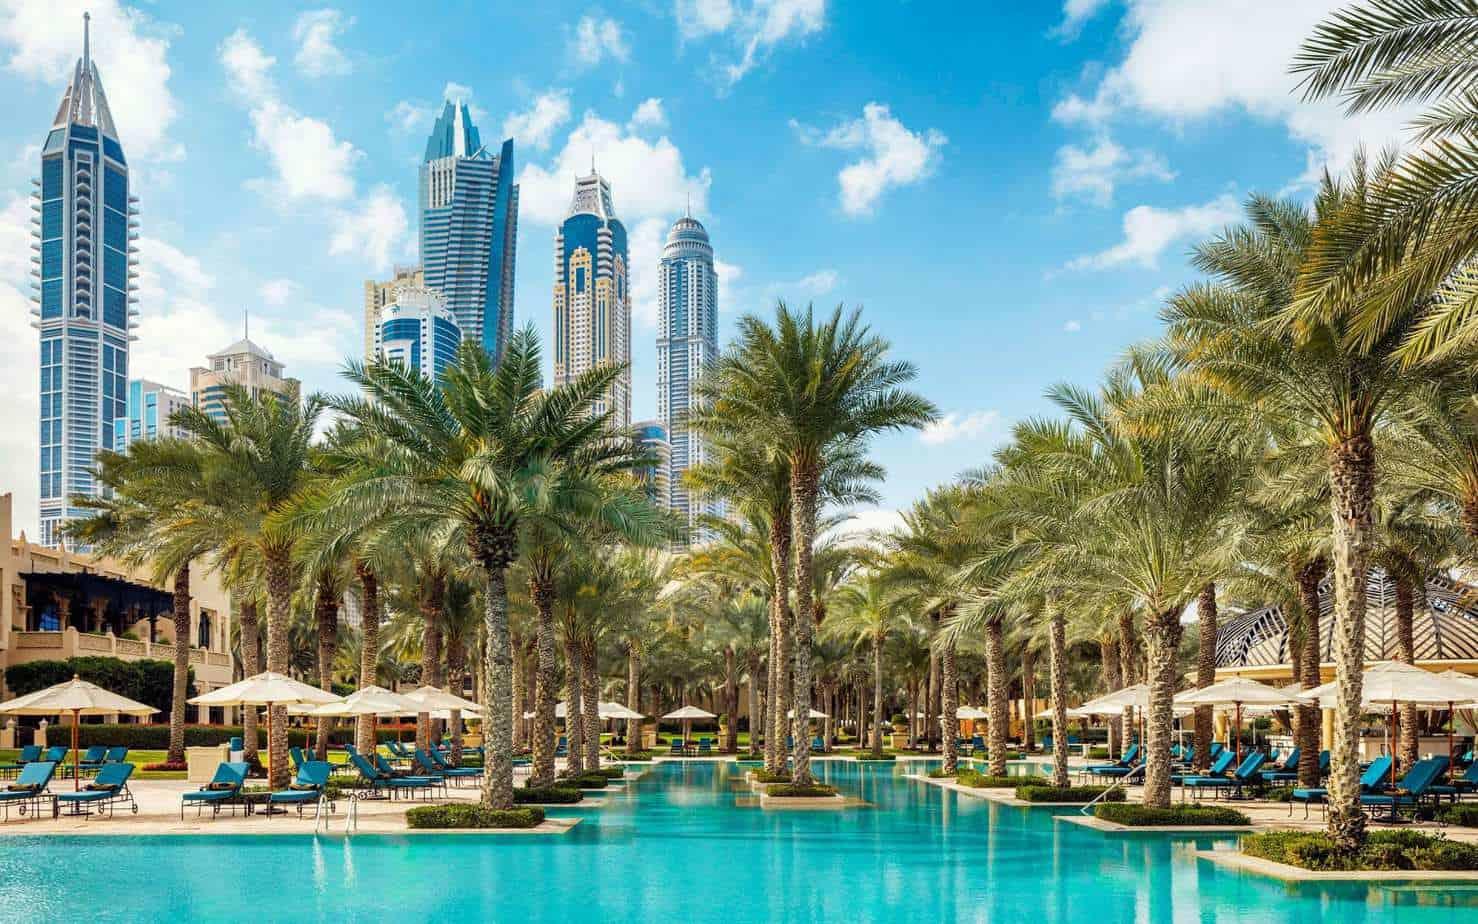 מלונות מומלצים בדובאי למשפחות - One and Only Royal Mirage